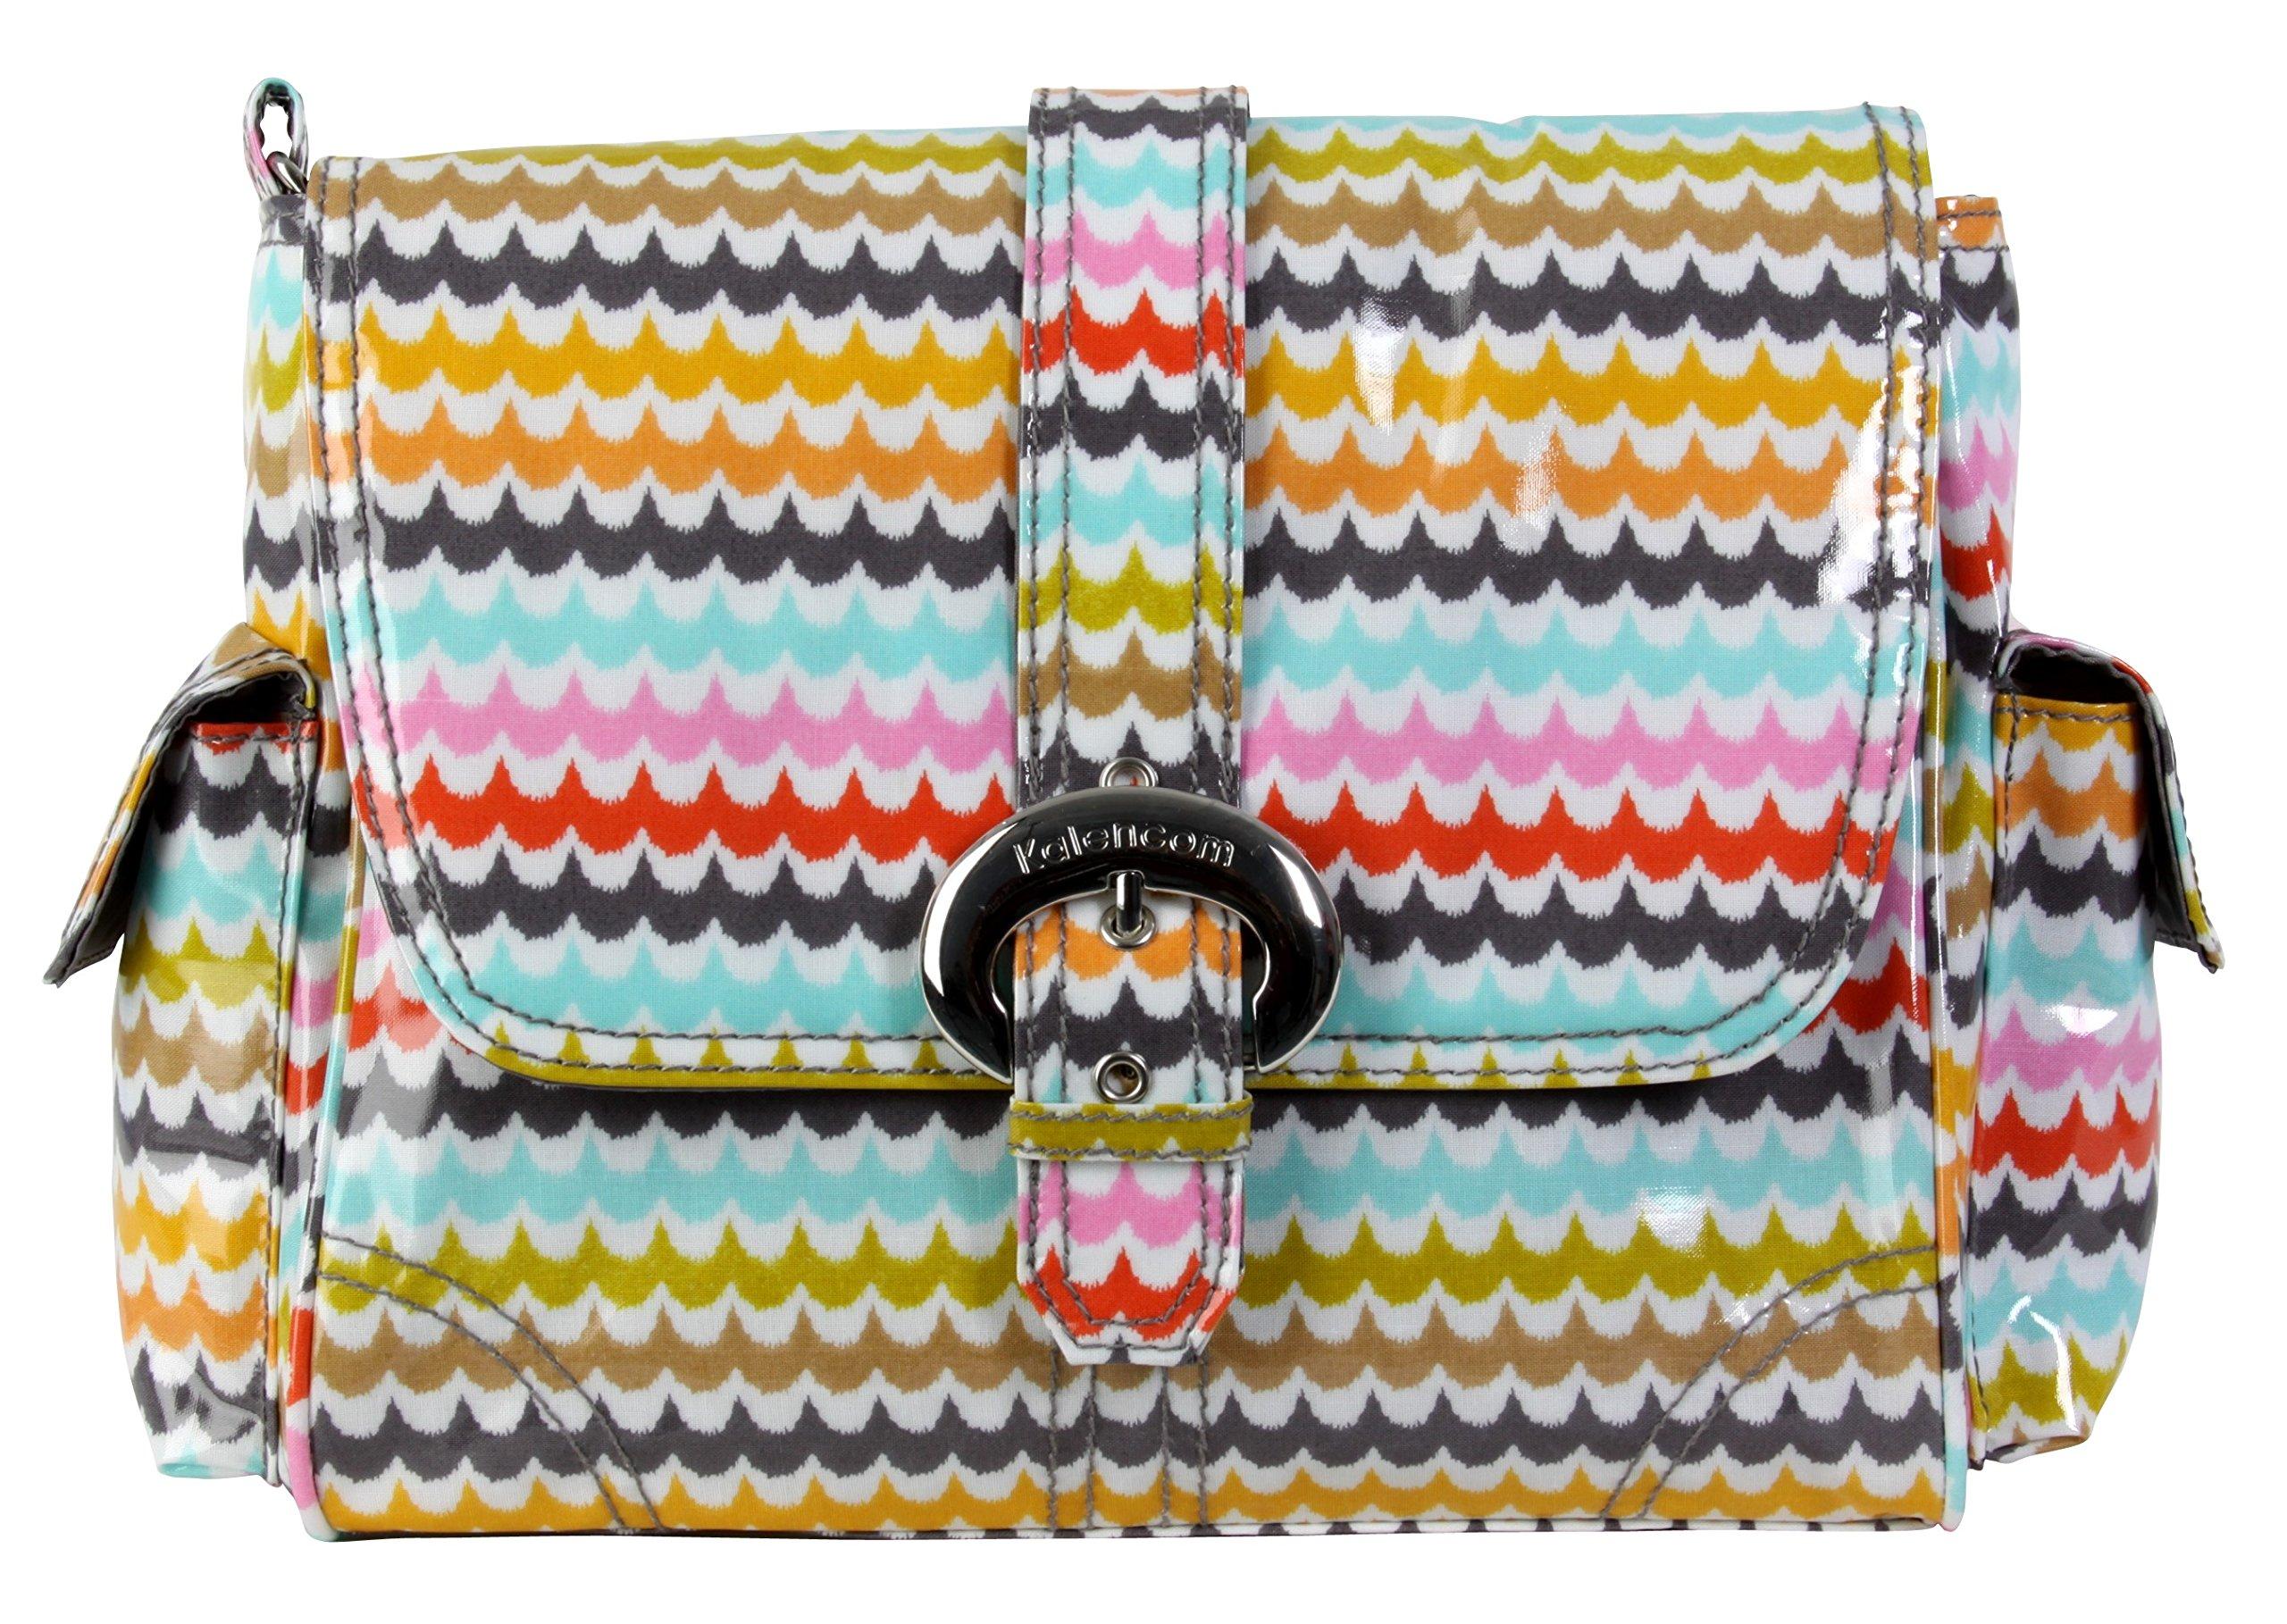 Kalencom Midi Coated Diaper Buckle Bag, Spa by Kalencom (Image #1)